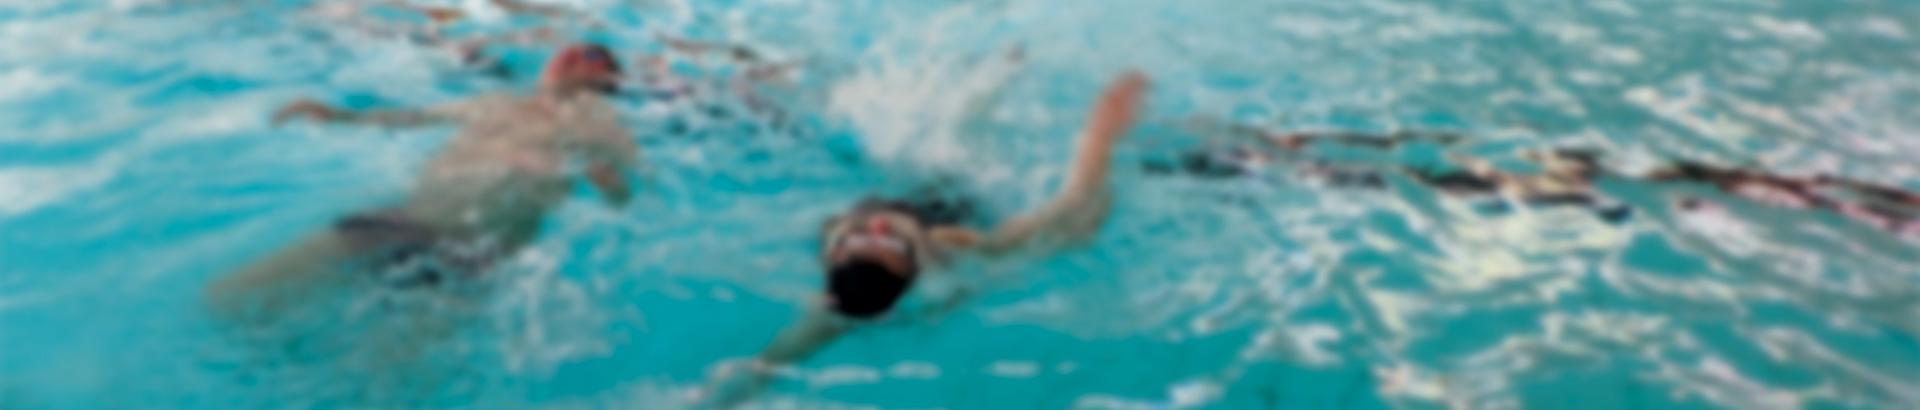 Plaisir dans l'eau : apprentissage de la natation